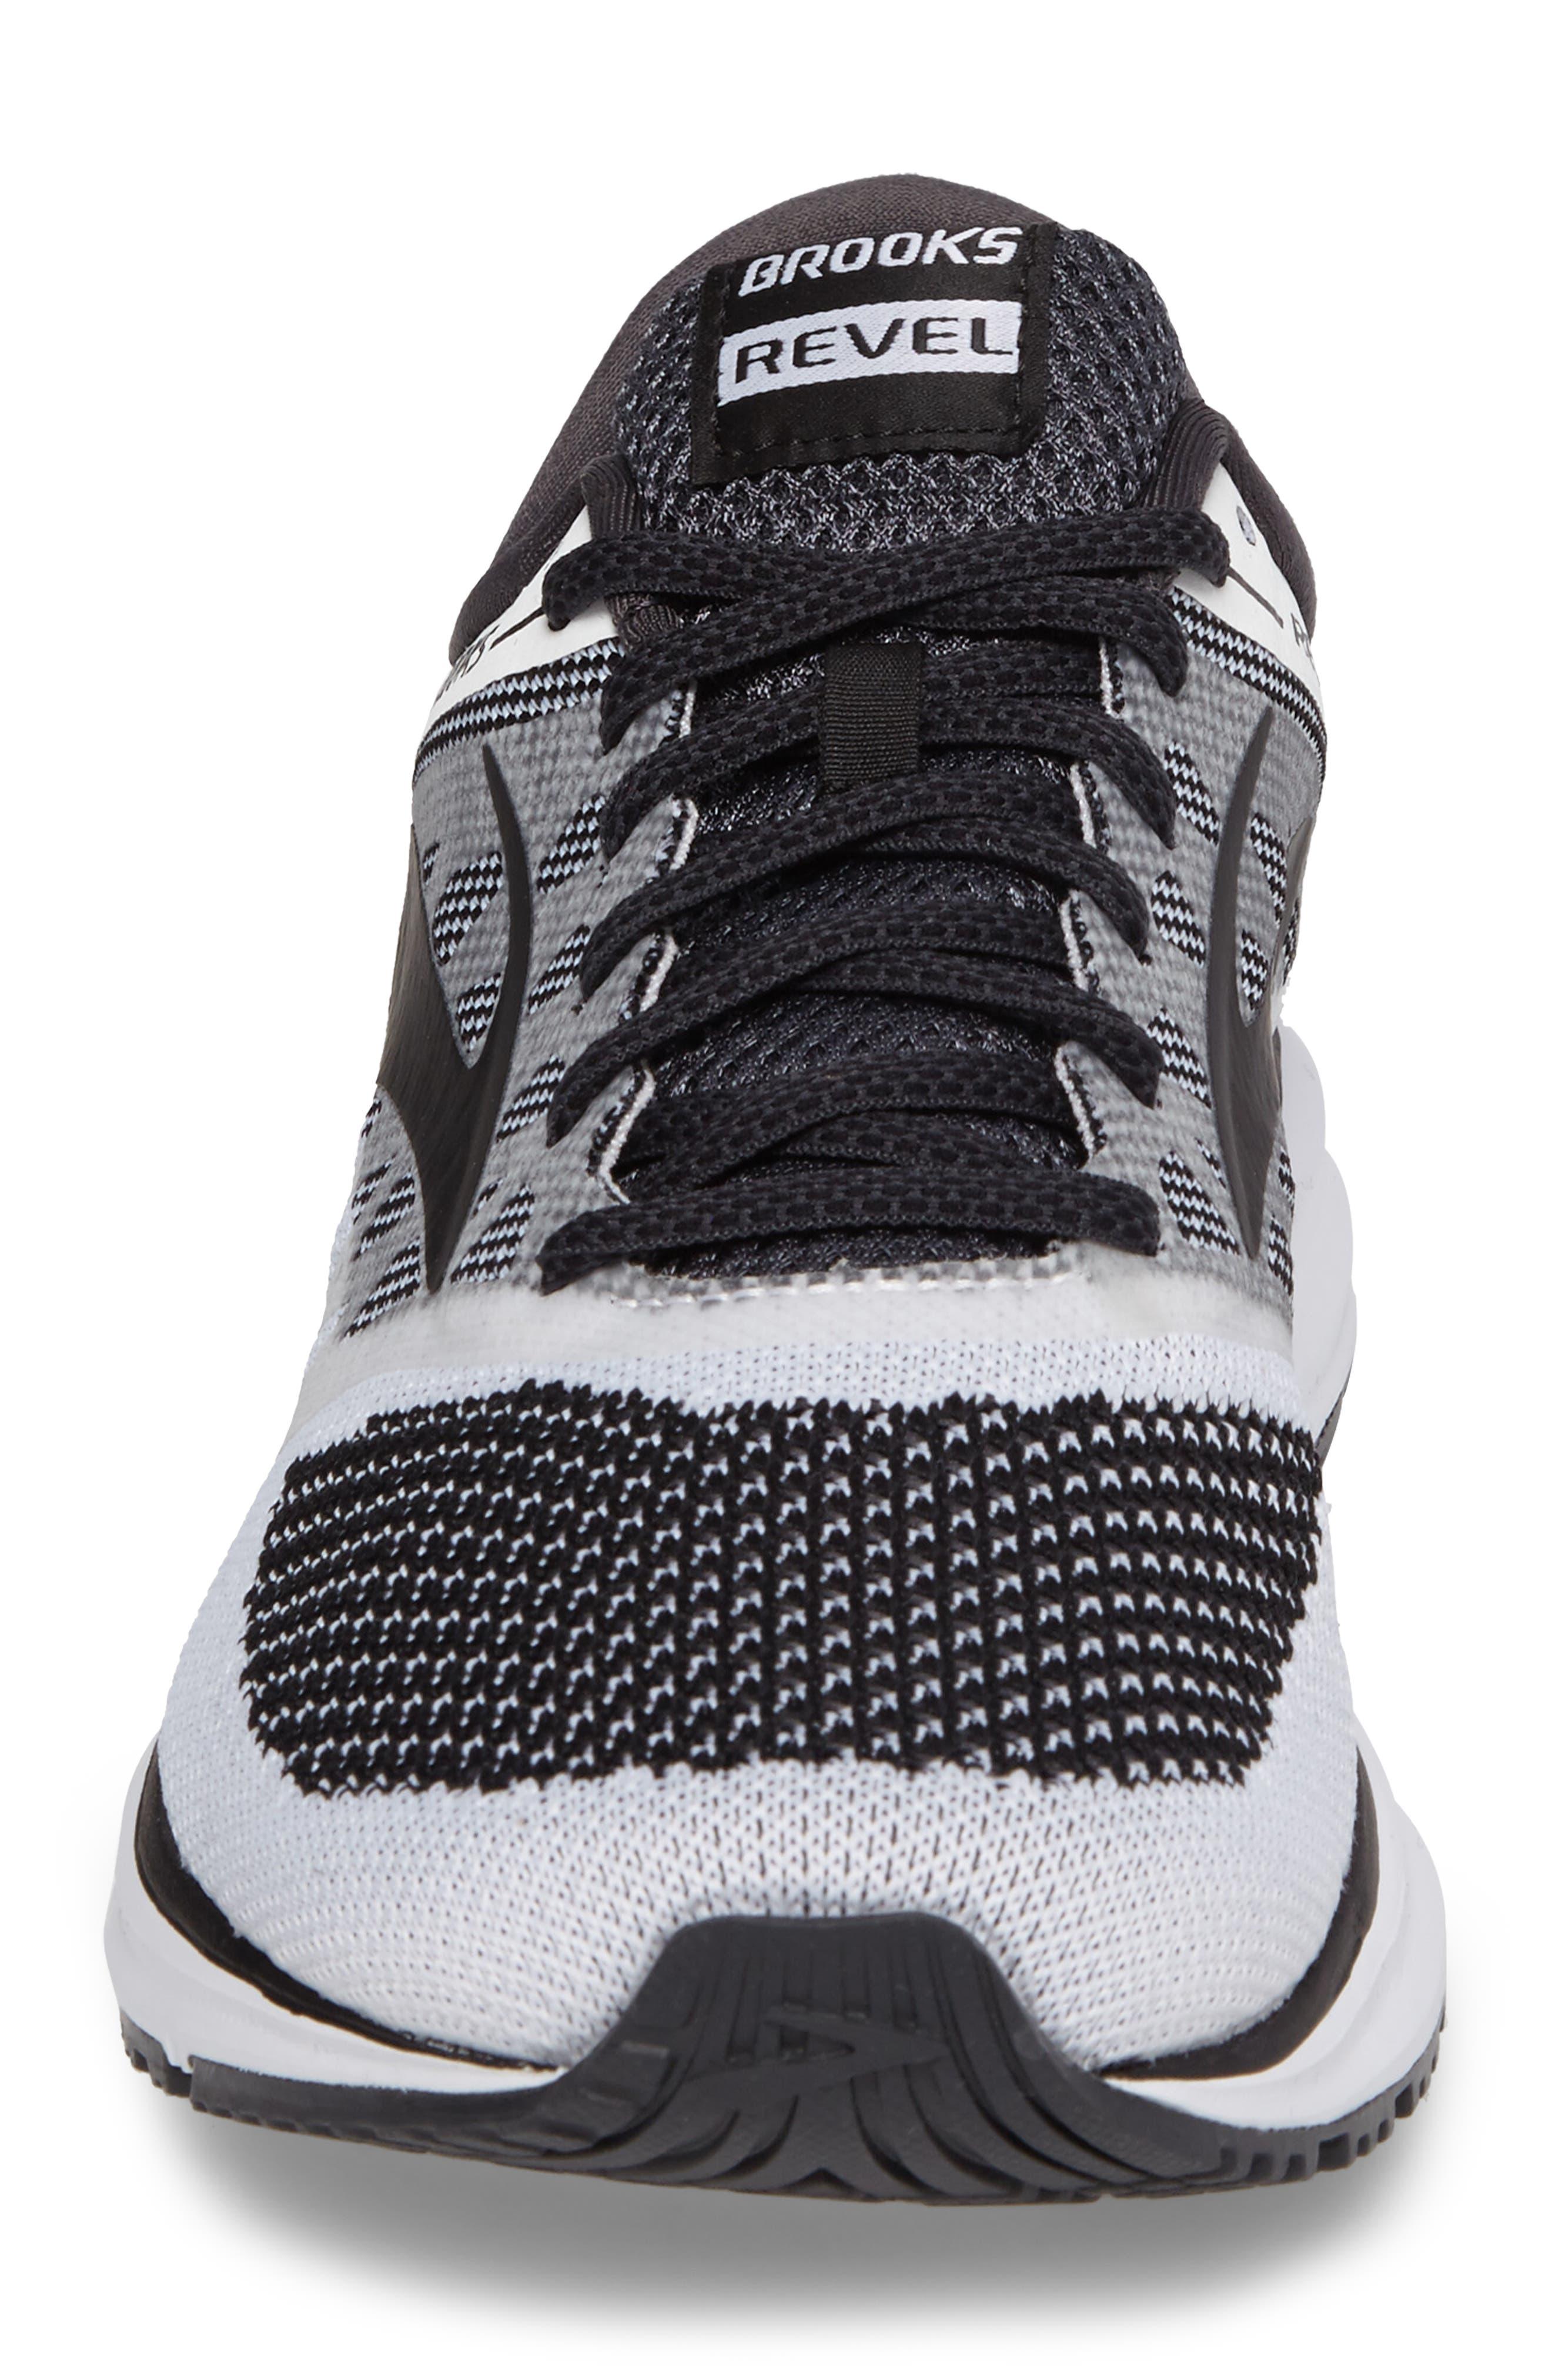 Revel Sneaker,                             Alternate thumbnail 4, color,                             White/ Anthracite/ Black